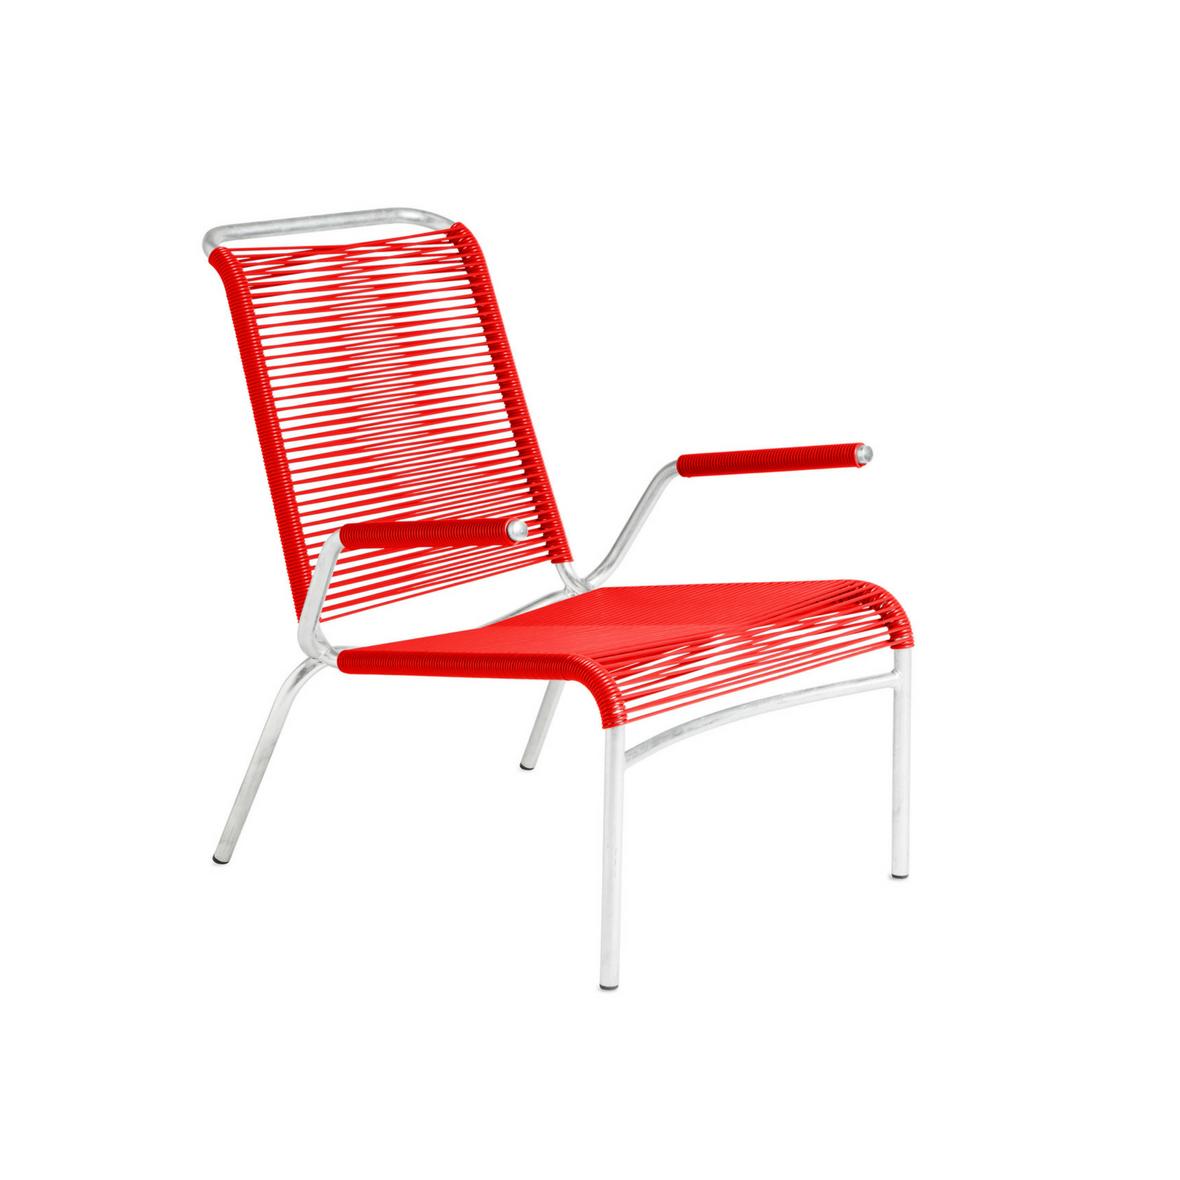 Altorfer Lounge Sessel 1142 mit Armlehne Verkehrsrot von Embru